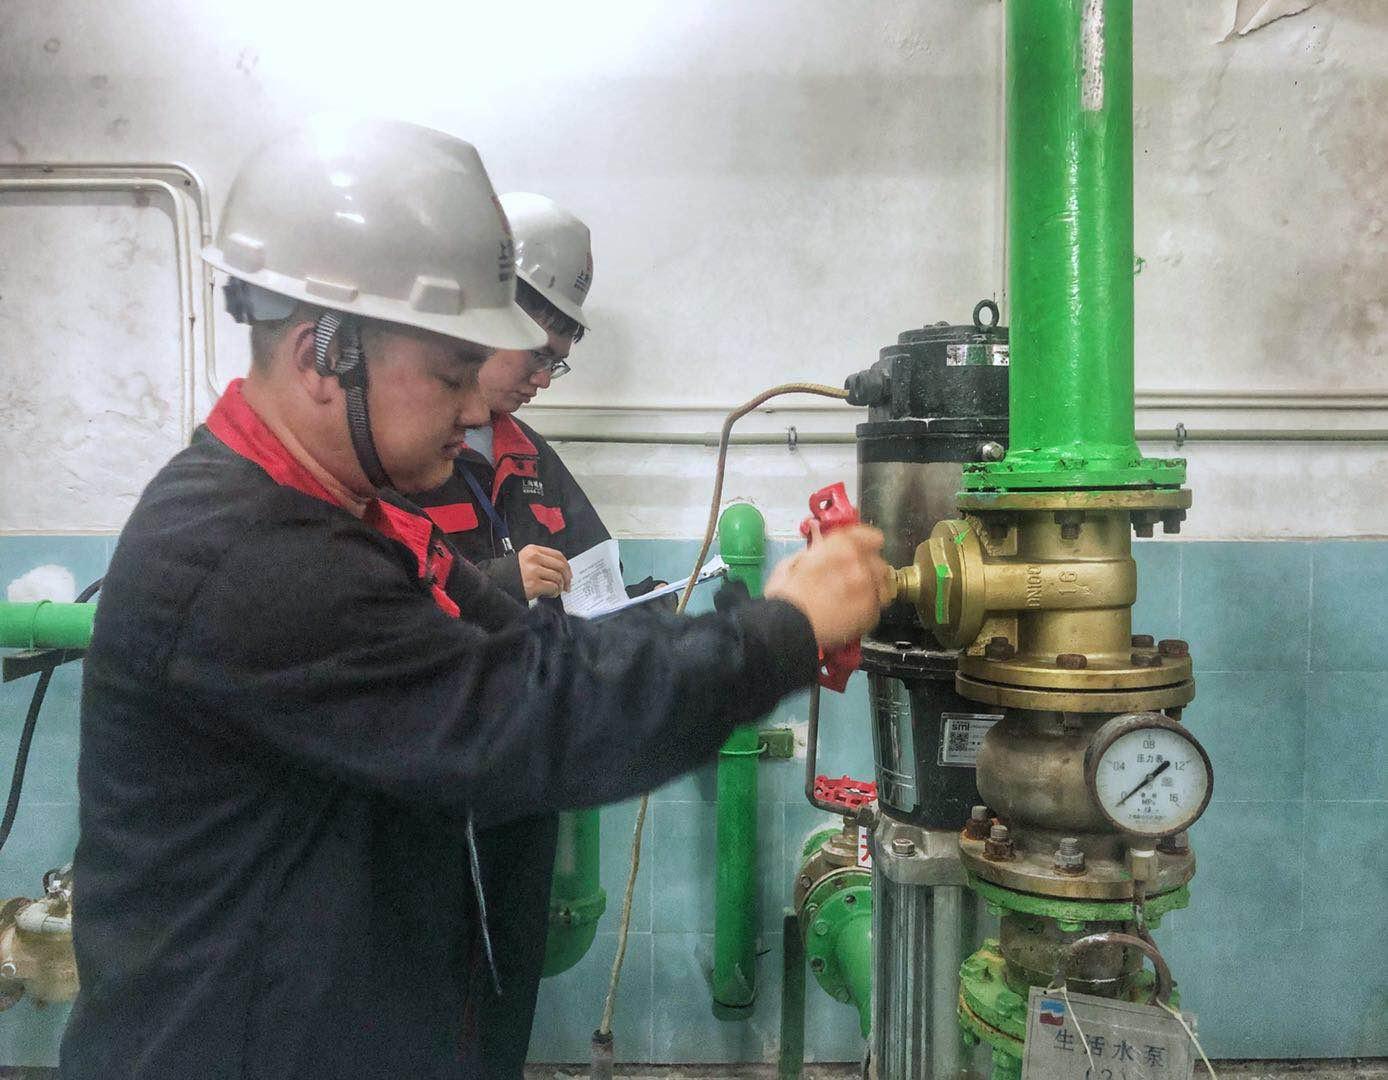 泵房蒸桑拿,天台暴晒查水箱,家家户户的用水安全这样来保障